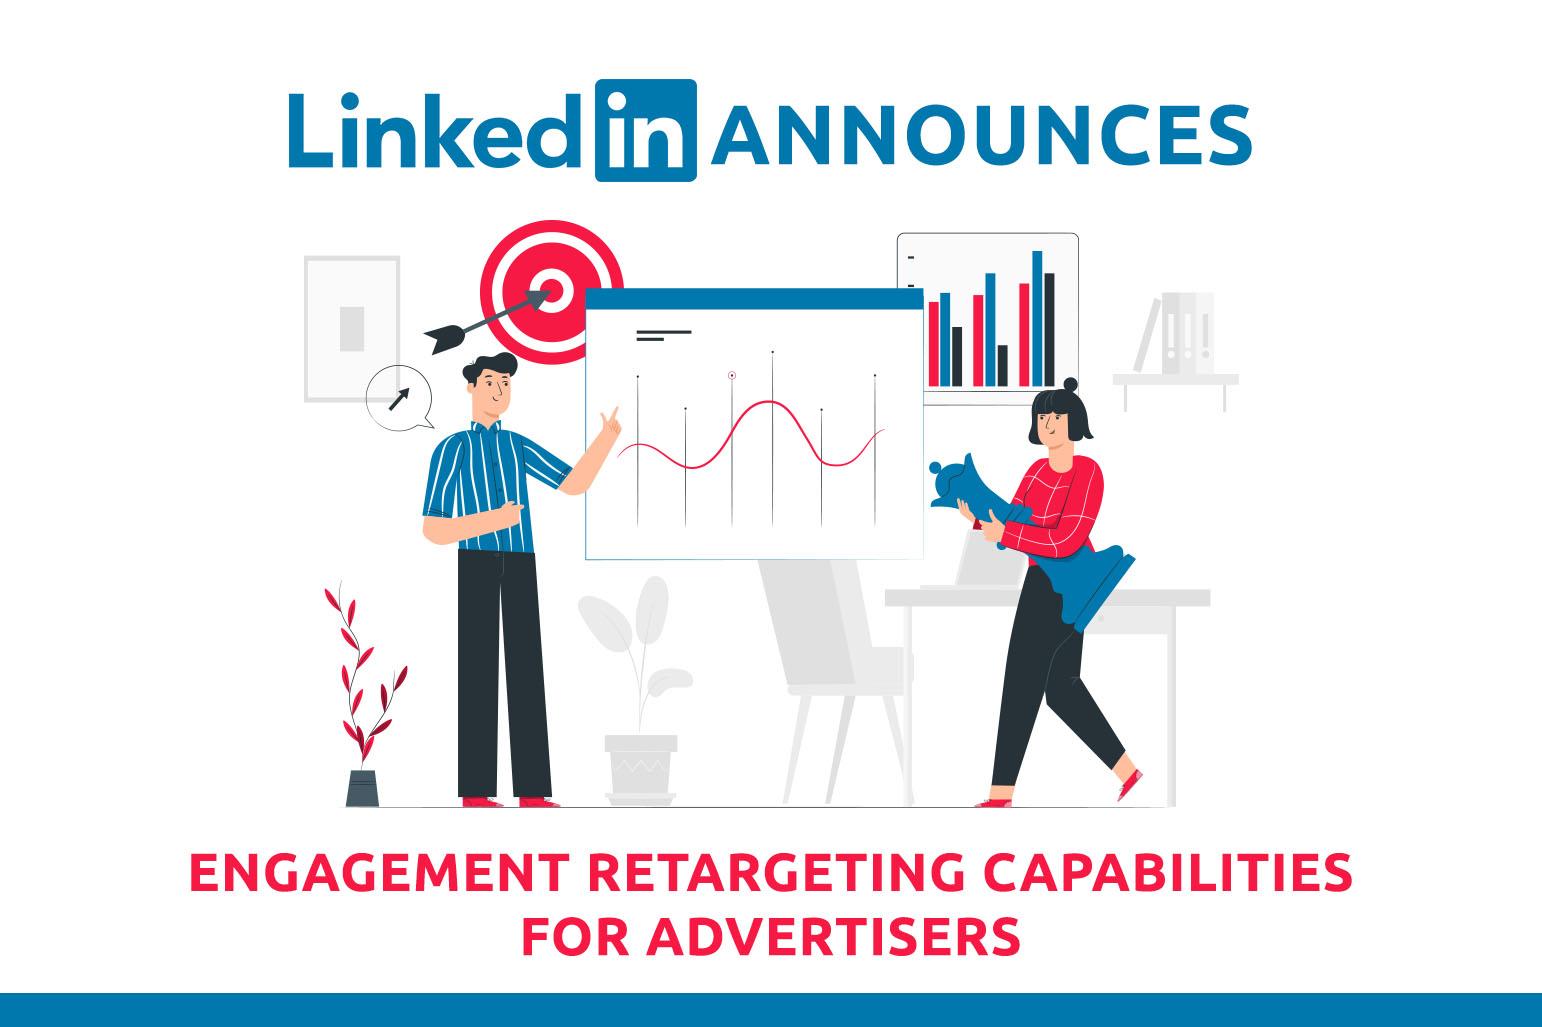 LinkedIn宣布为广告主提供互动重定向功能